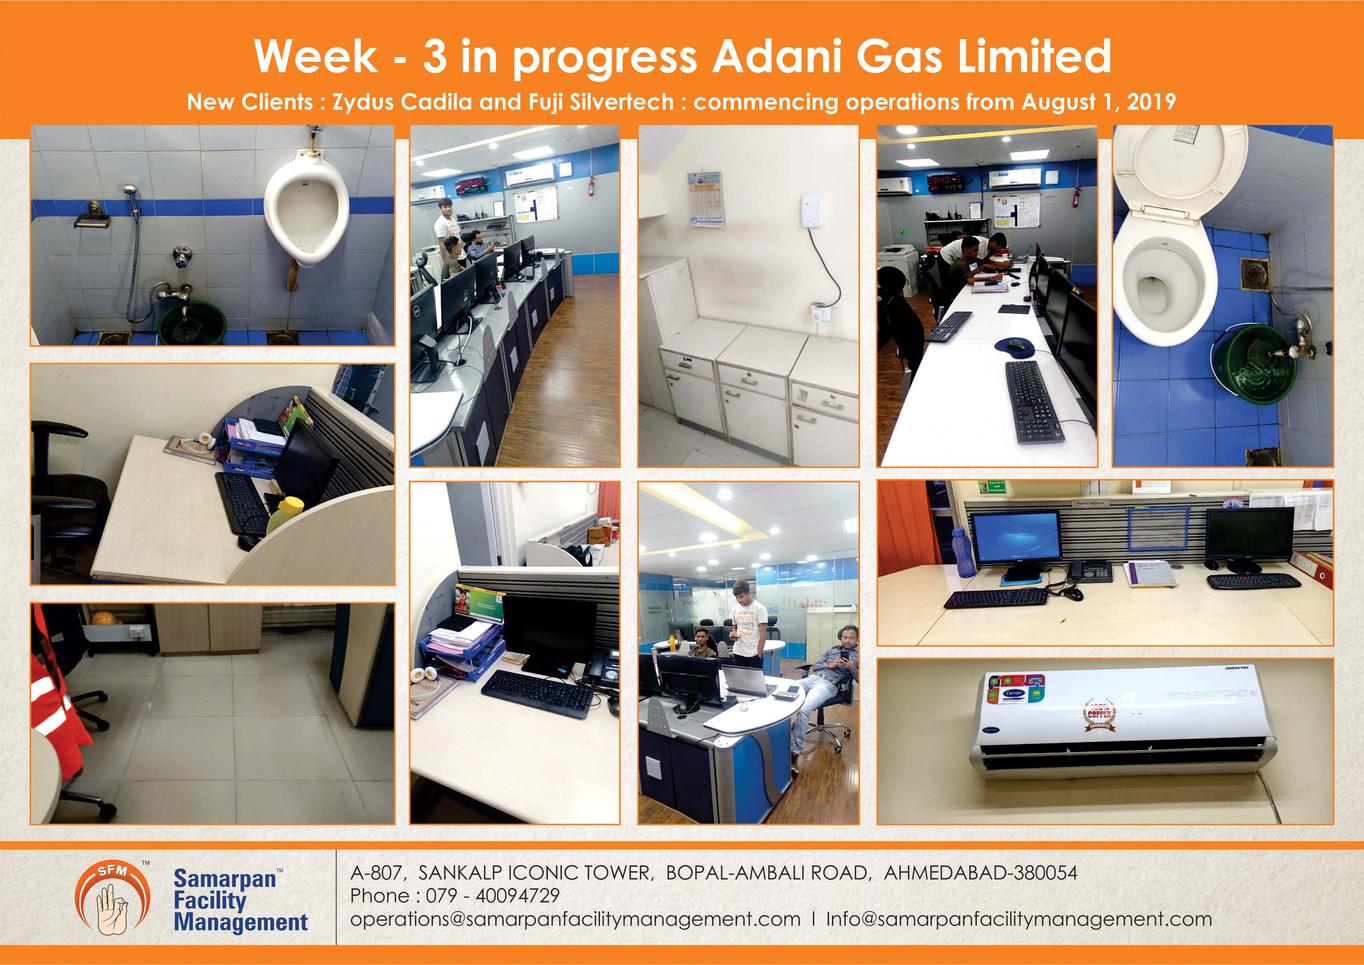 Week - 3 in progress Adani Gas Limited